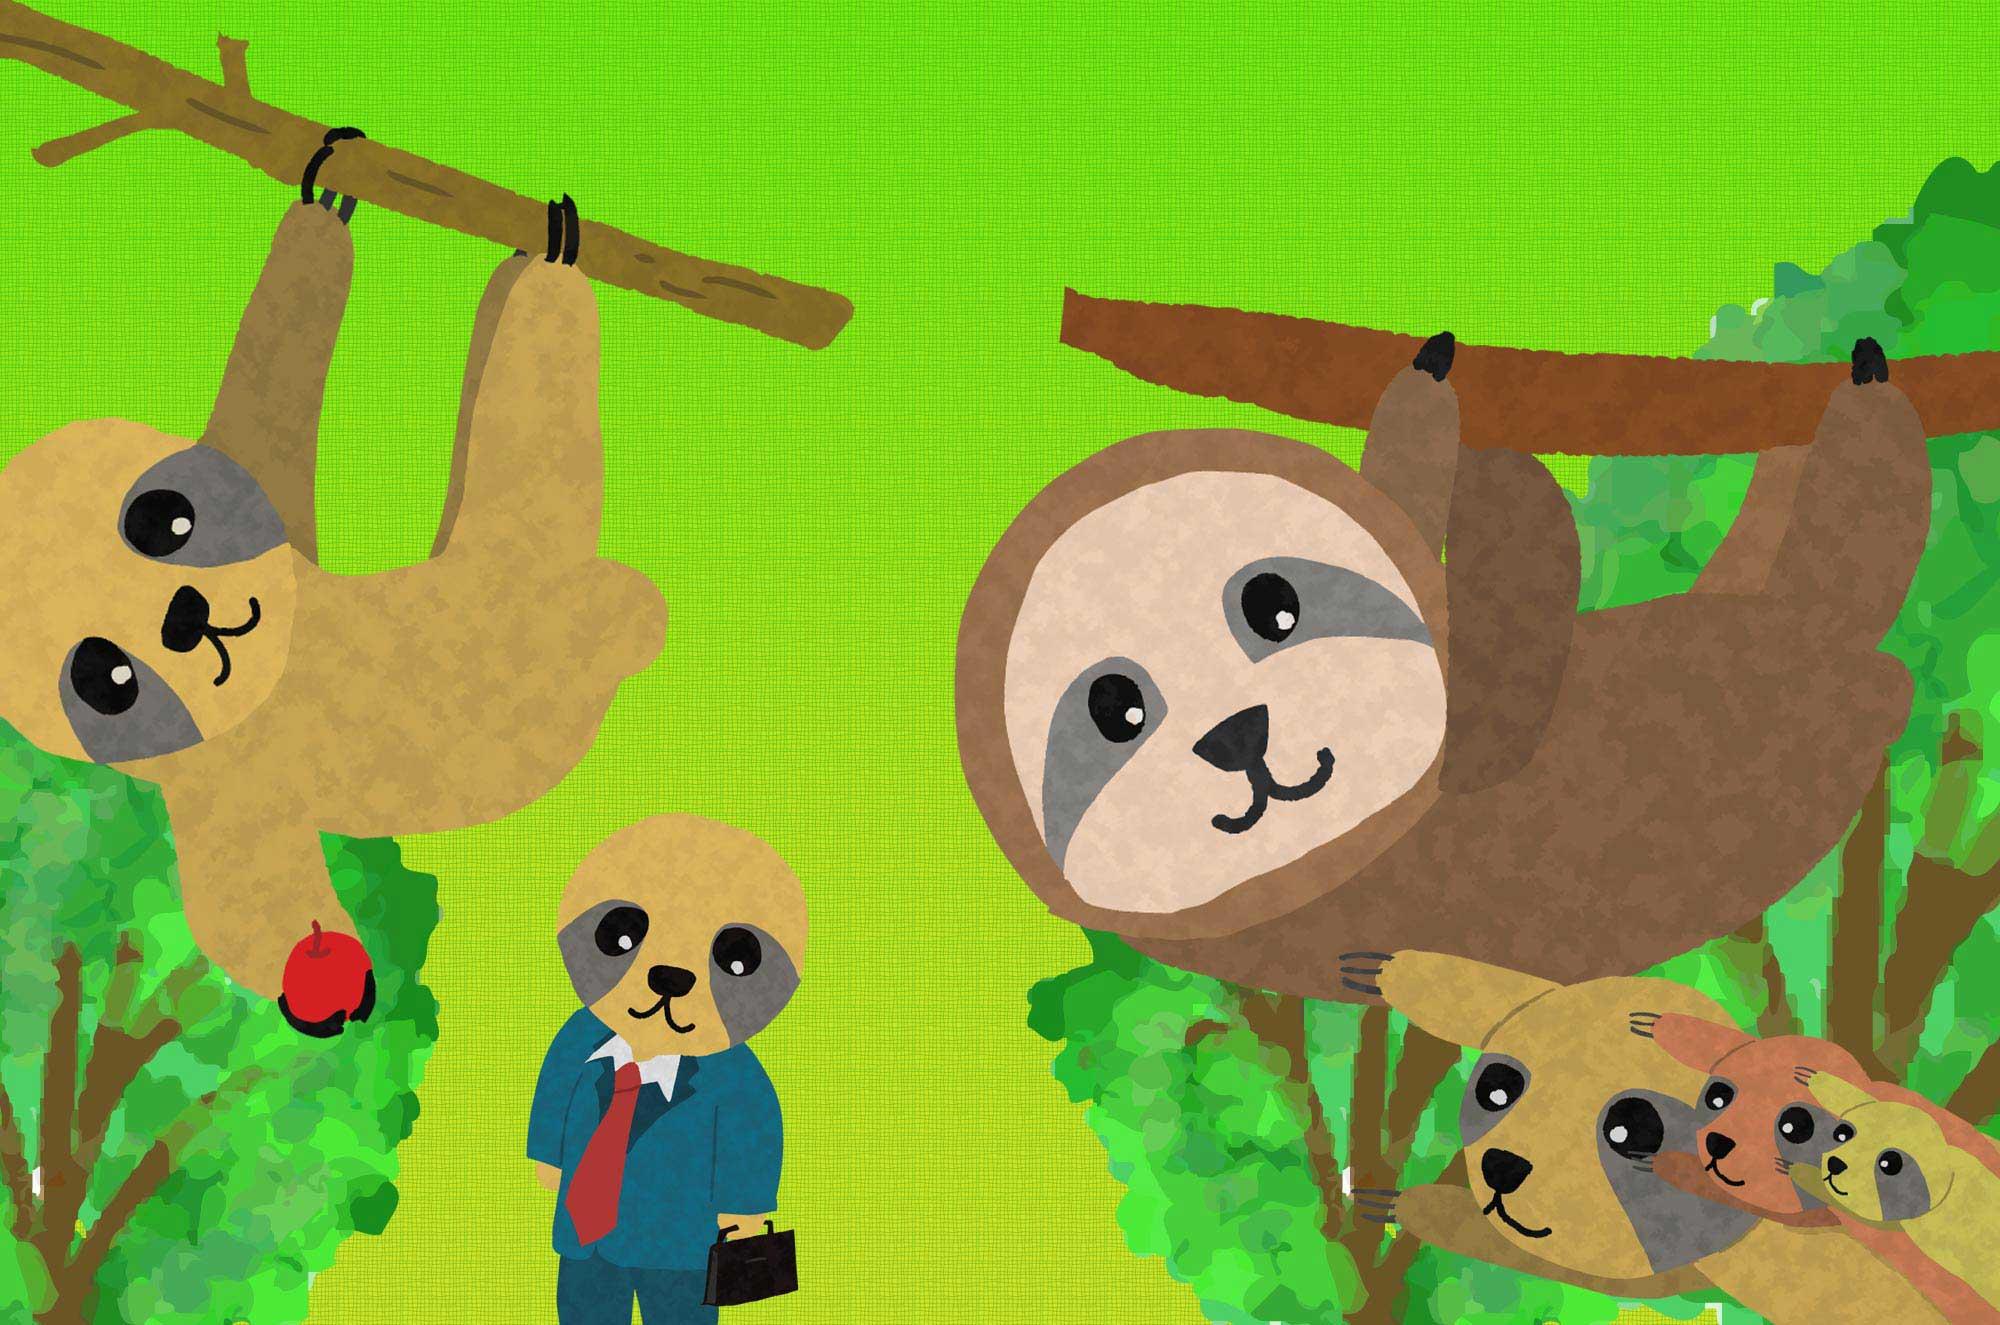 可愛いナマケモノのイラスト - 面白い動物無料素材